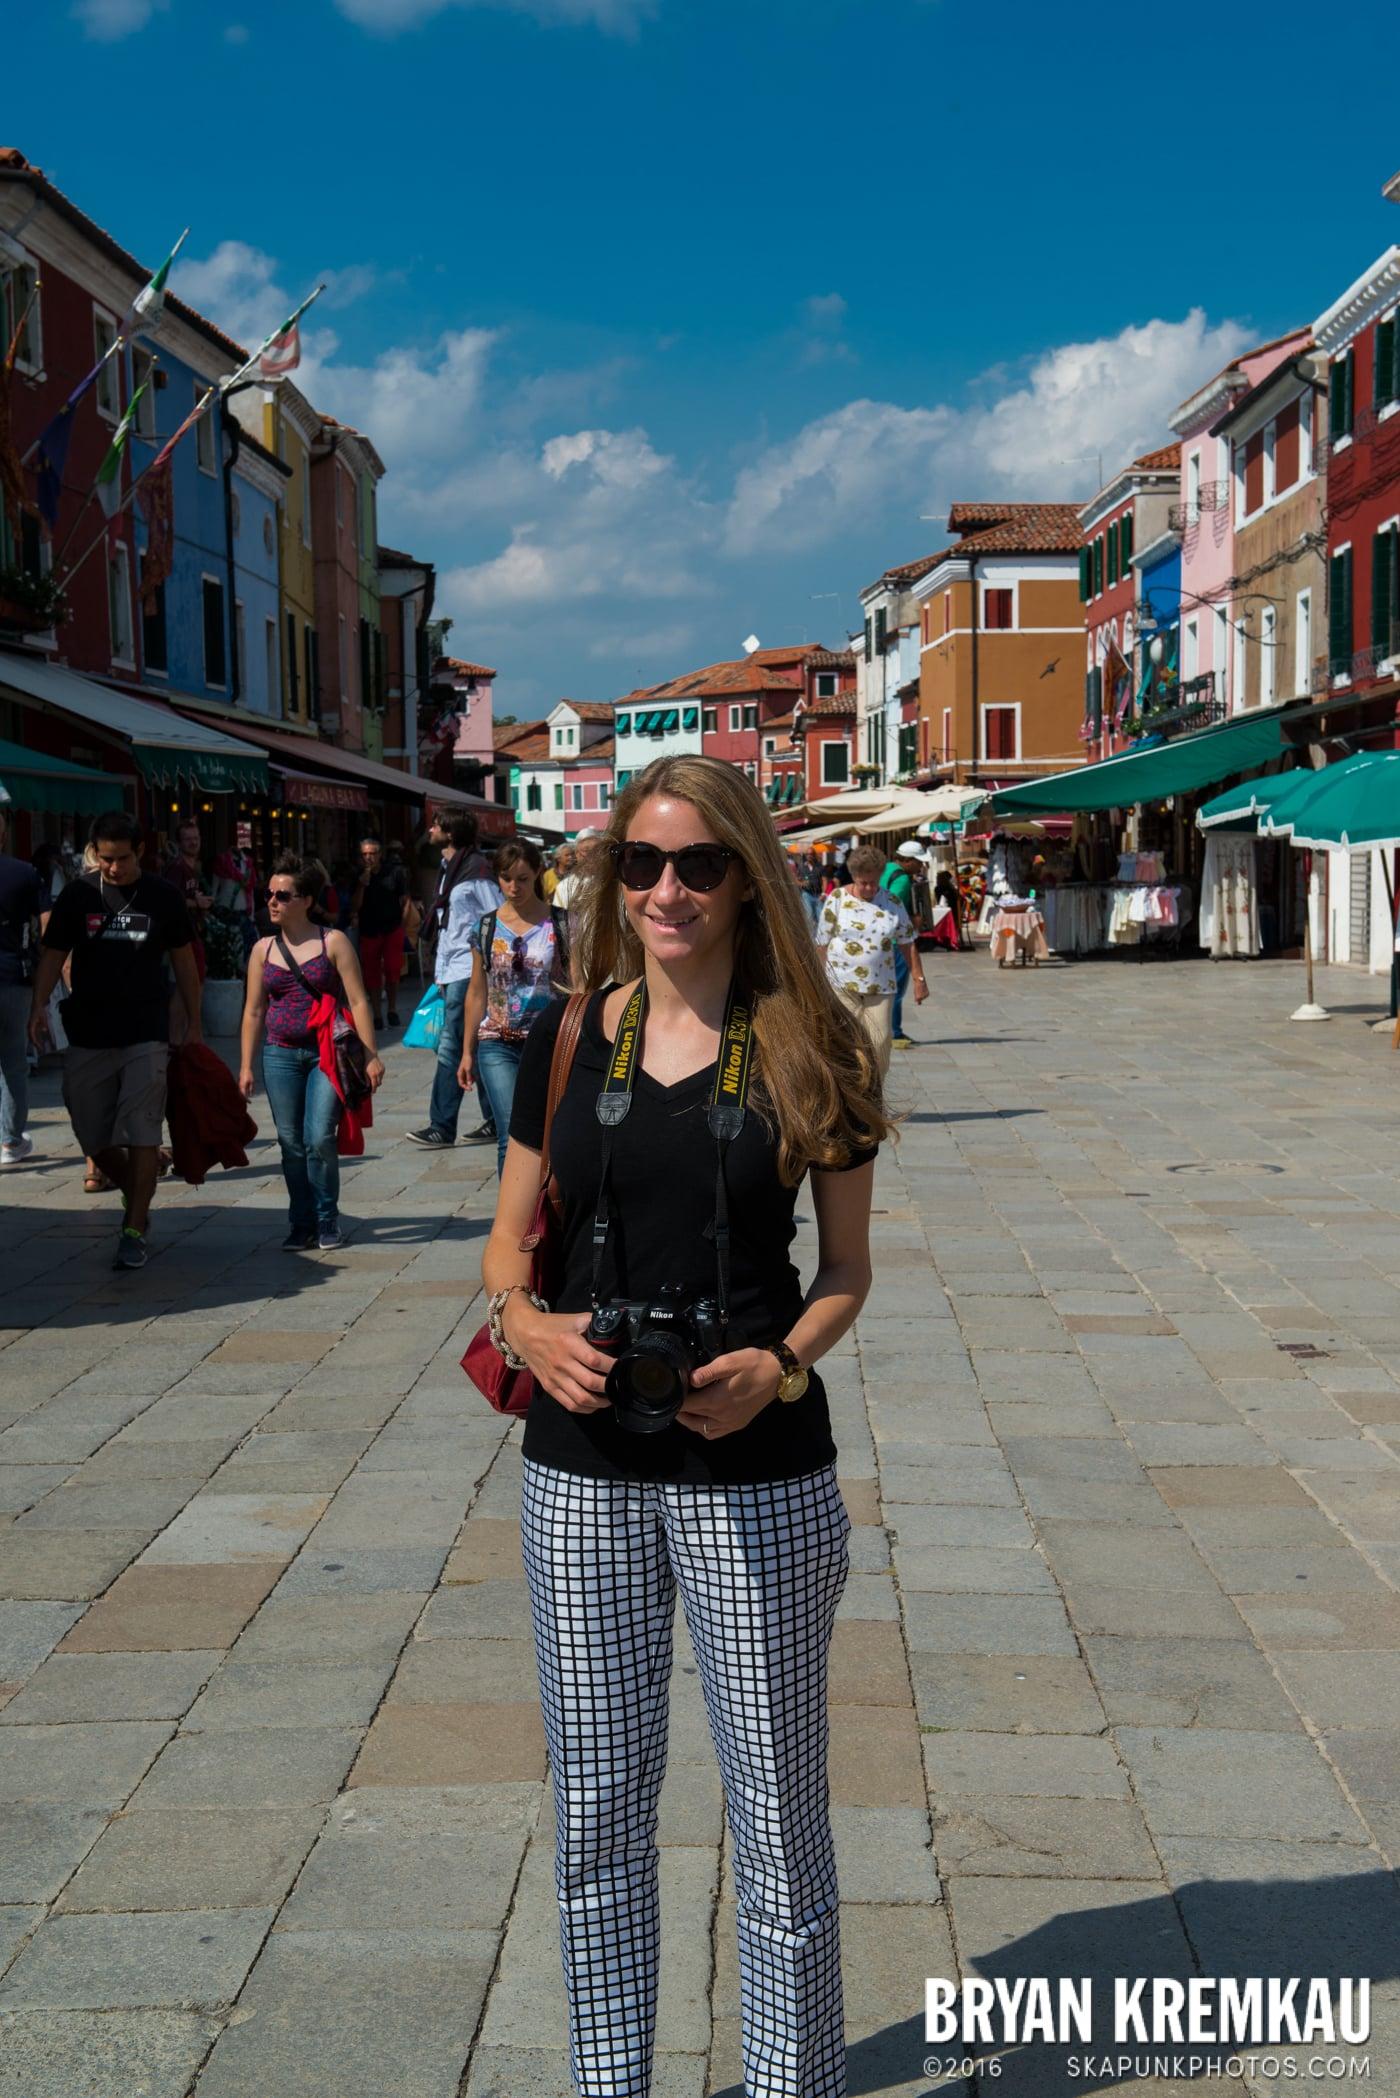 Italy Vacation - Day 6: Murano, Burano, Venice - 9.14.13 (62)